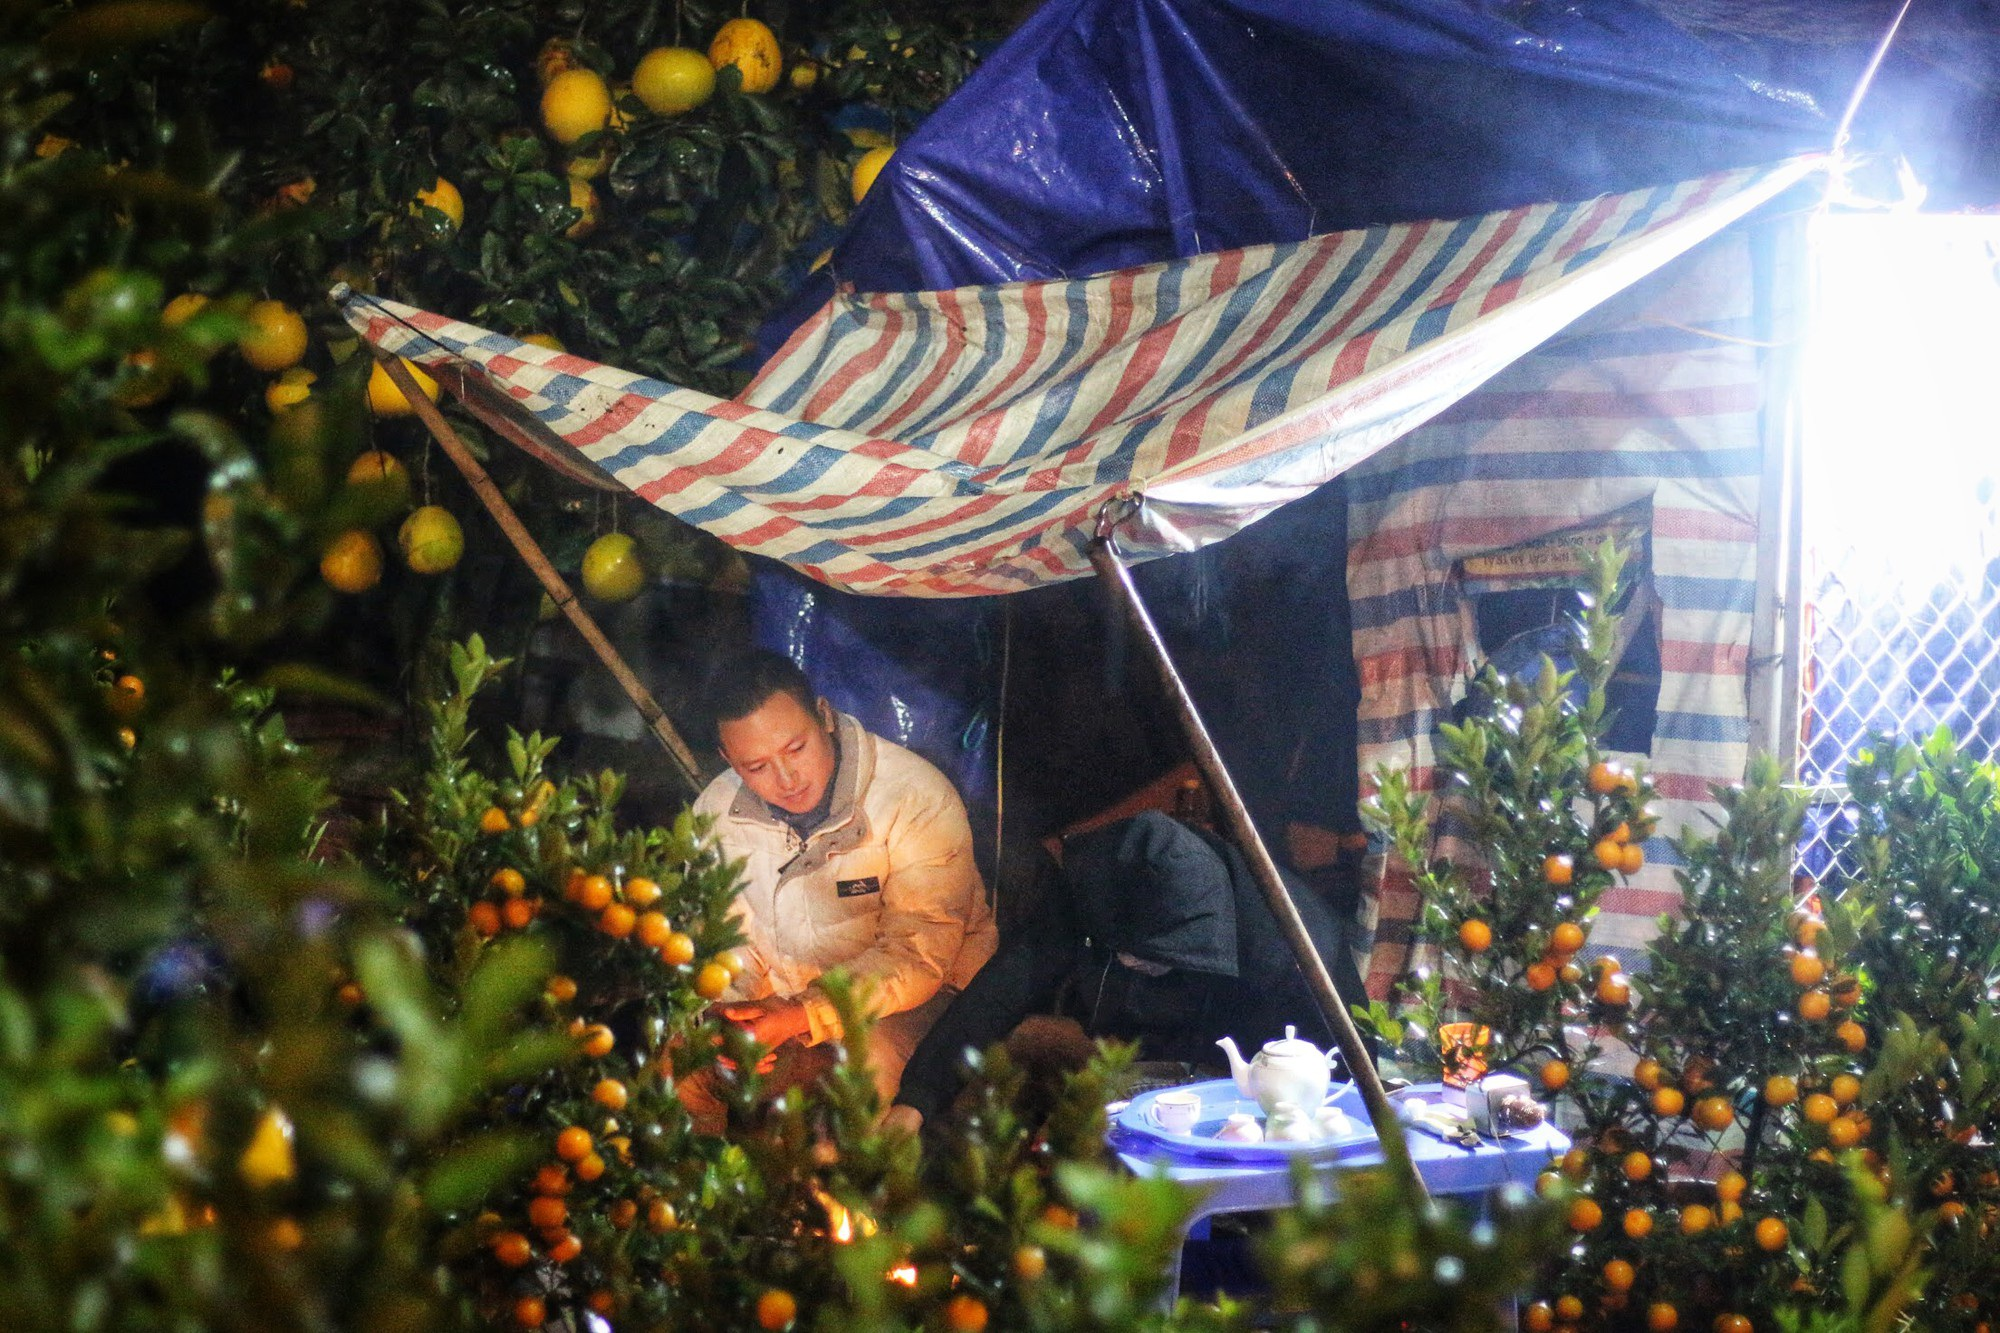 Lo mất trộm, người Hà Nội dựng lều đốt lửa trông đào xuyên đêm - Ảnh 3.